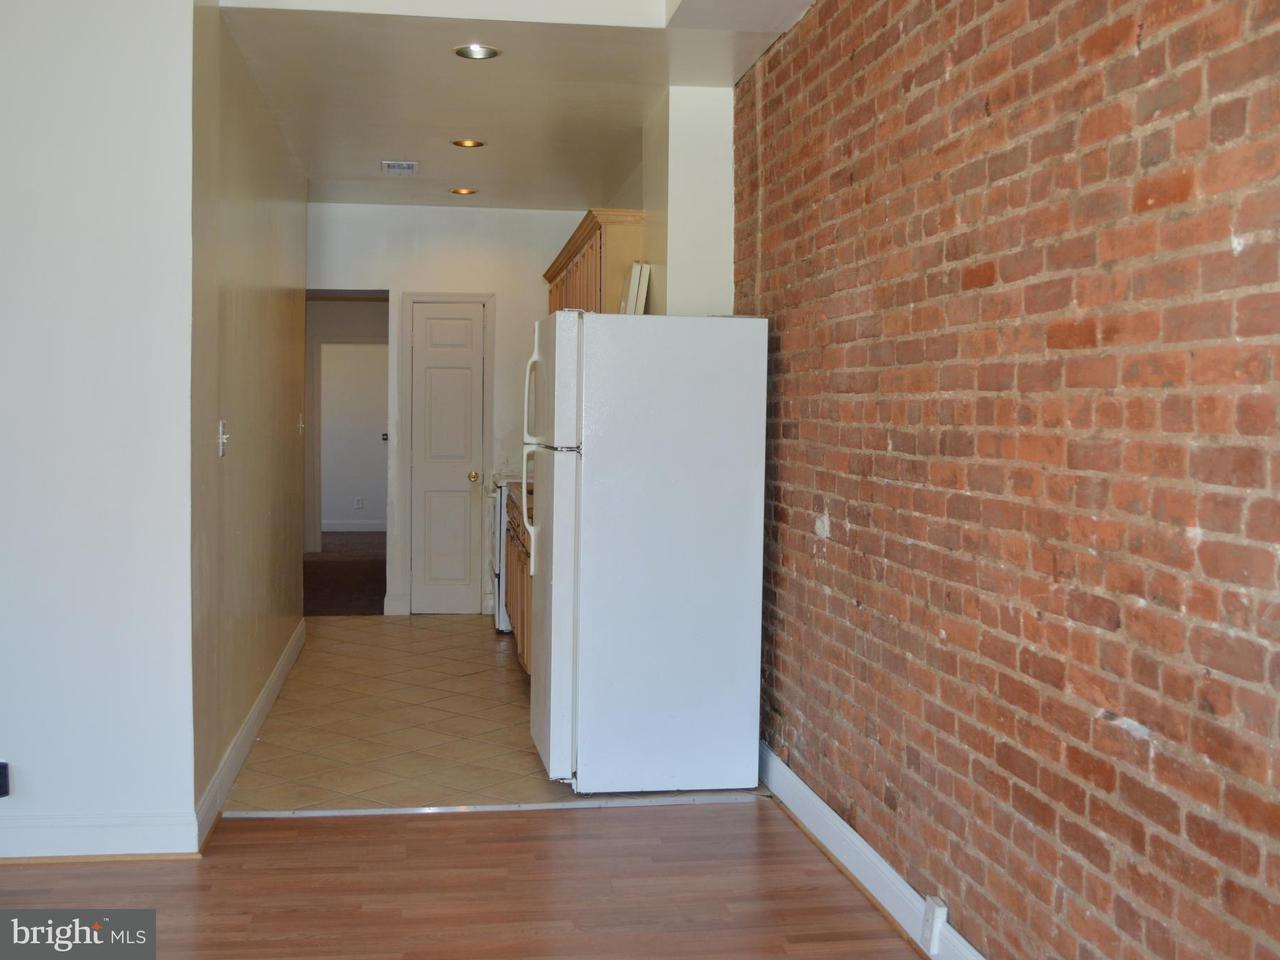 Additional photo for property listing at 1679 MONTELLO AVE NE 1679 MONTELLO AVE NE Washington, コロンビア特別区 20002 アメリカ合衆国